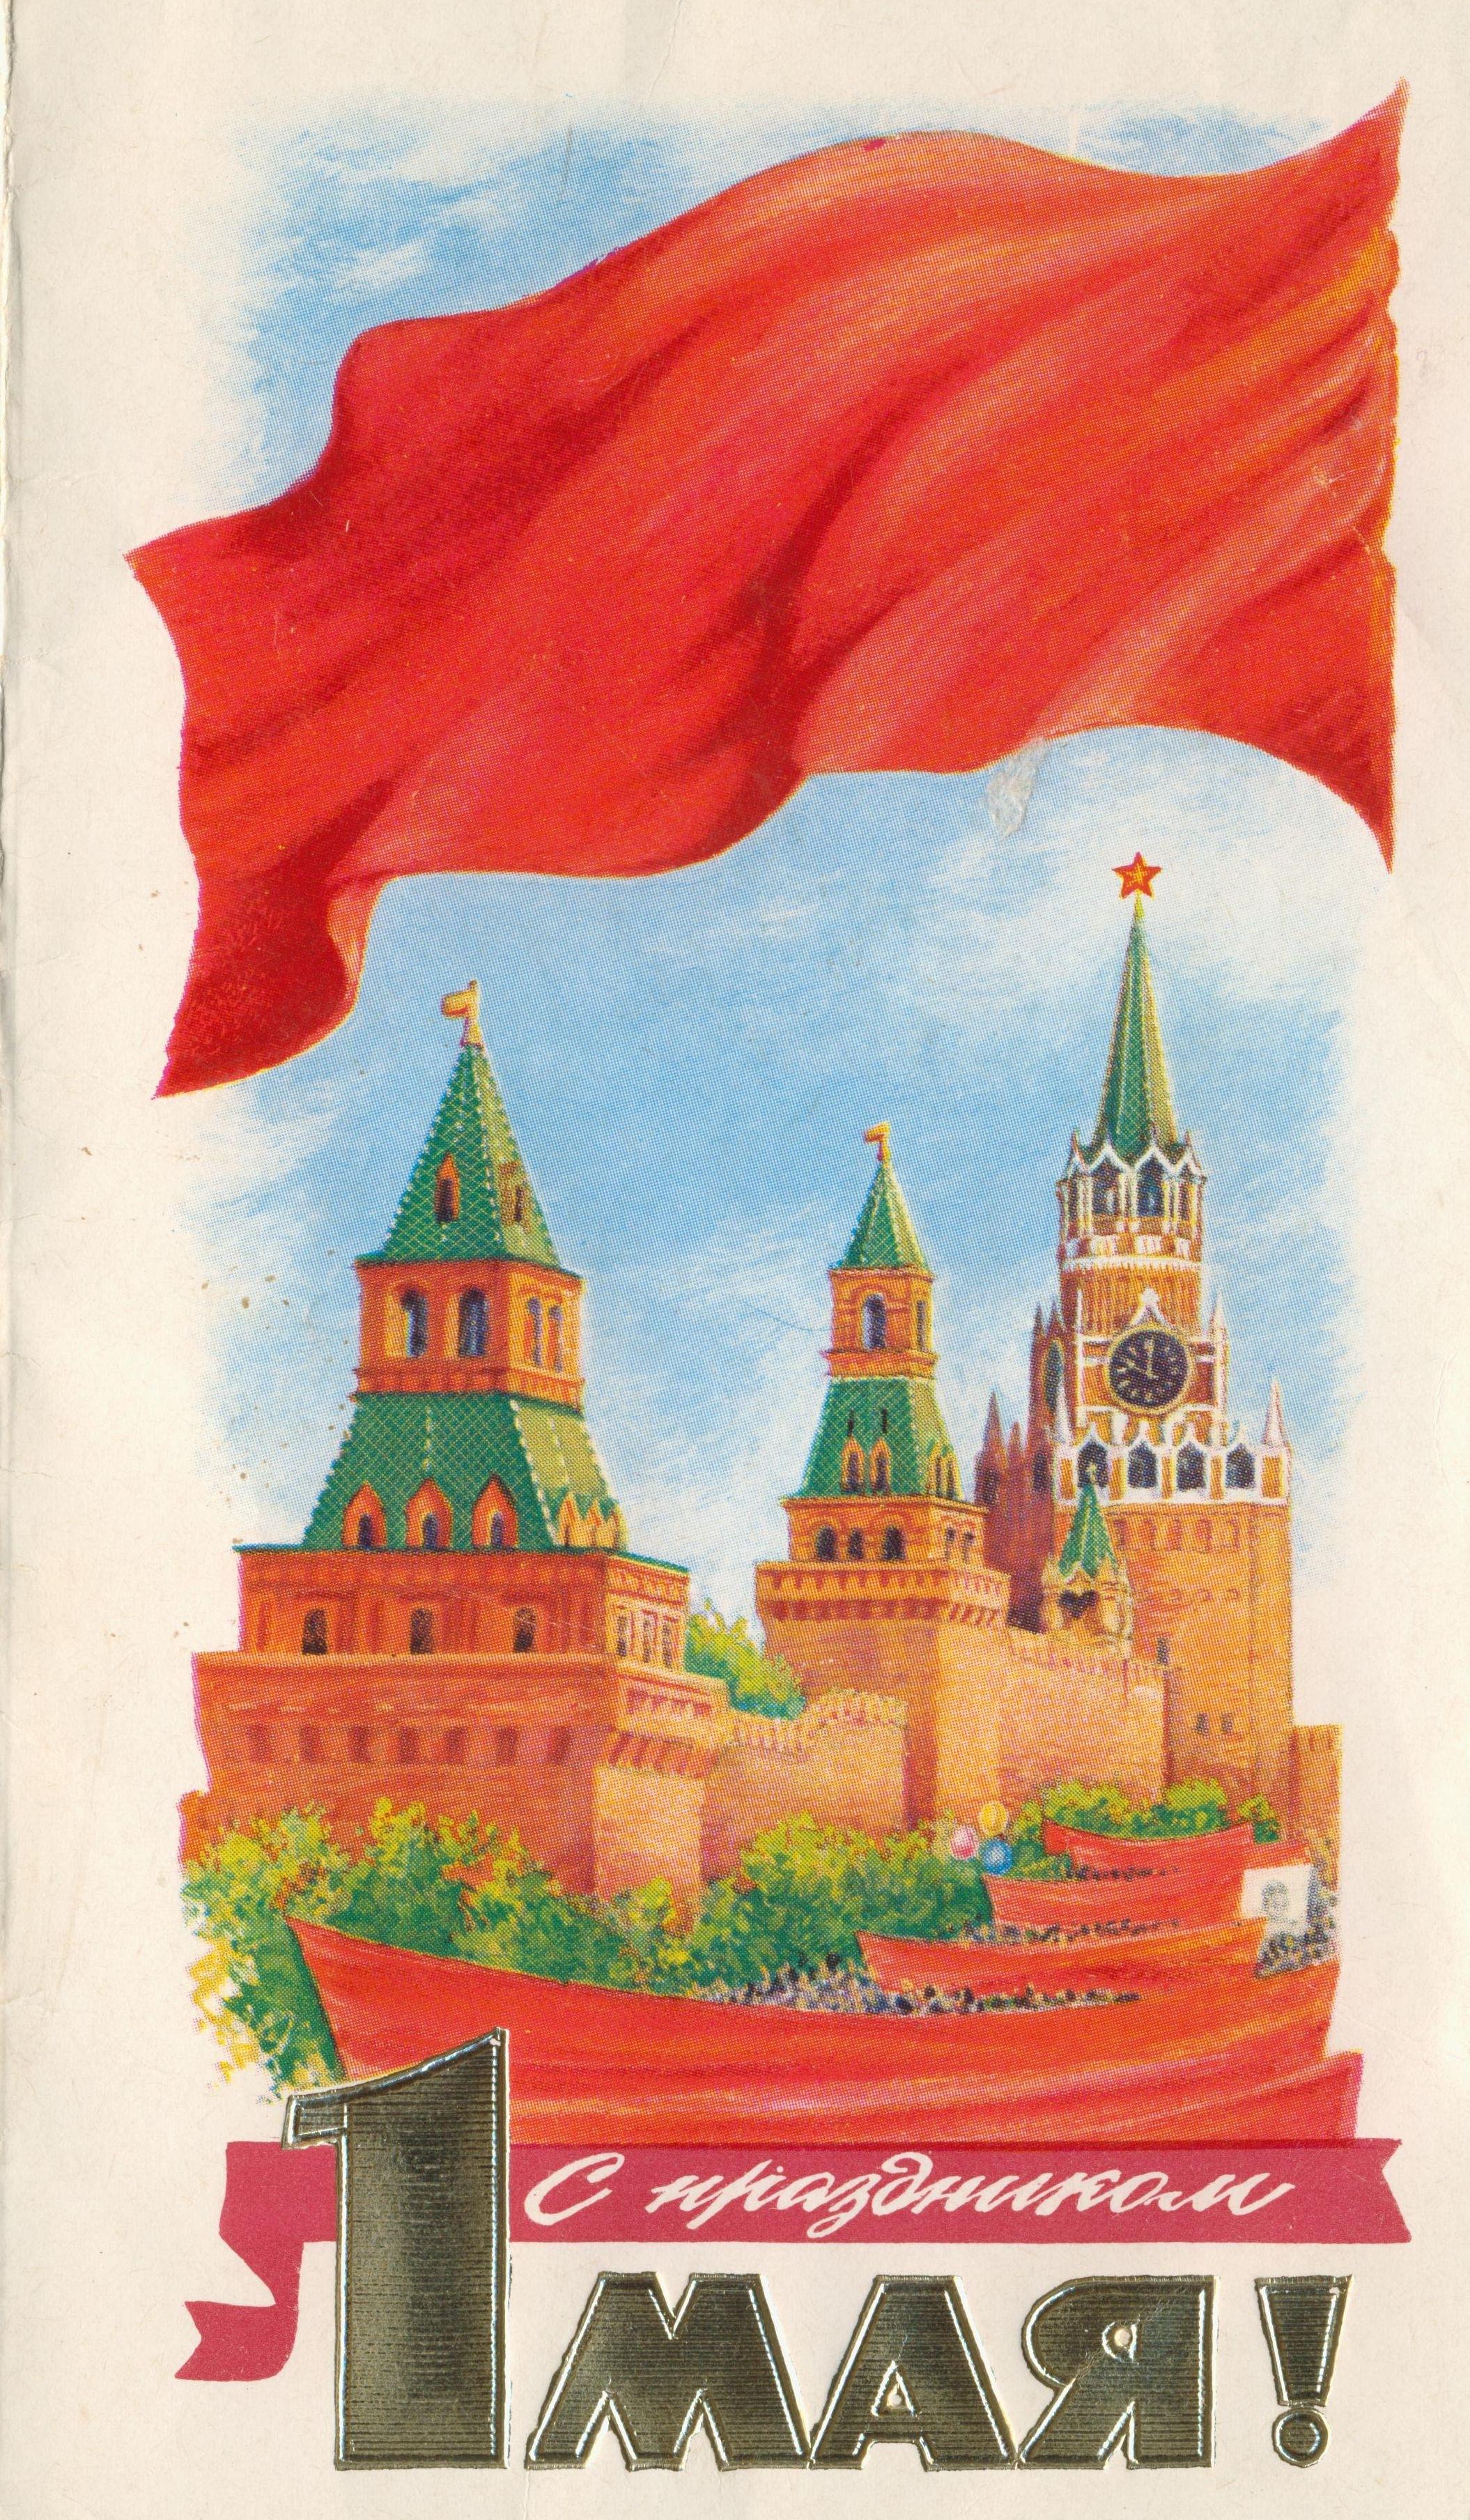 Советская открытка на первое мая (первомайская открытка СССР)